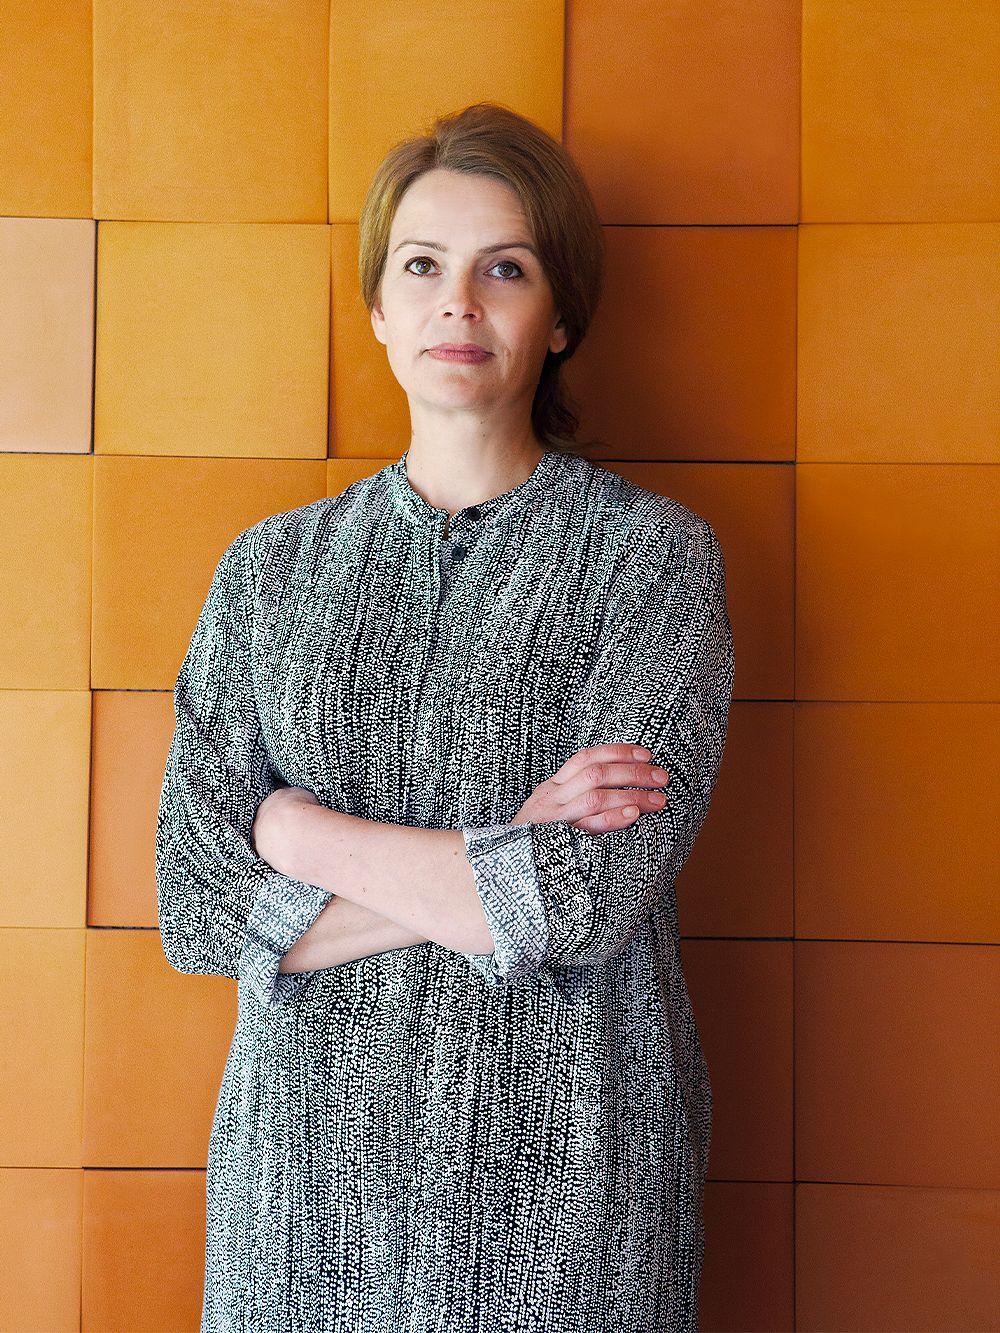 Jenni Roininen of Nikari